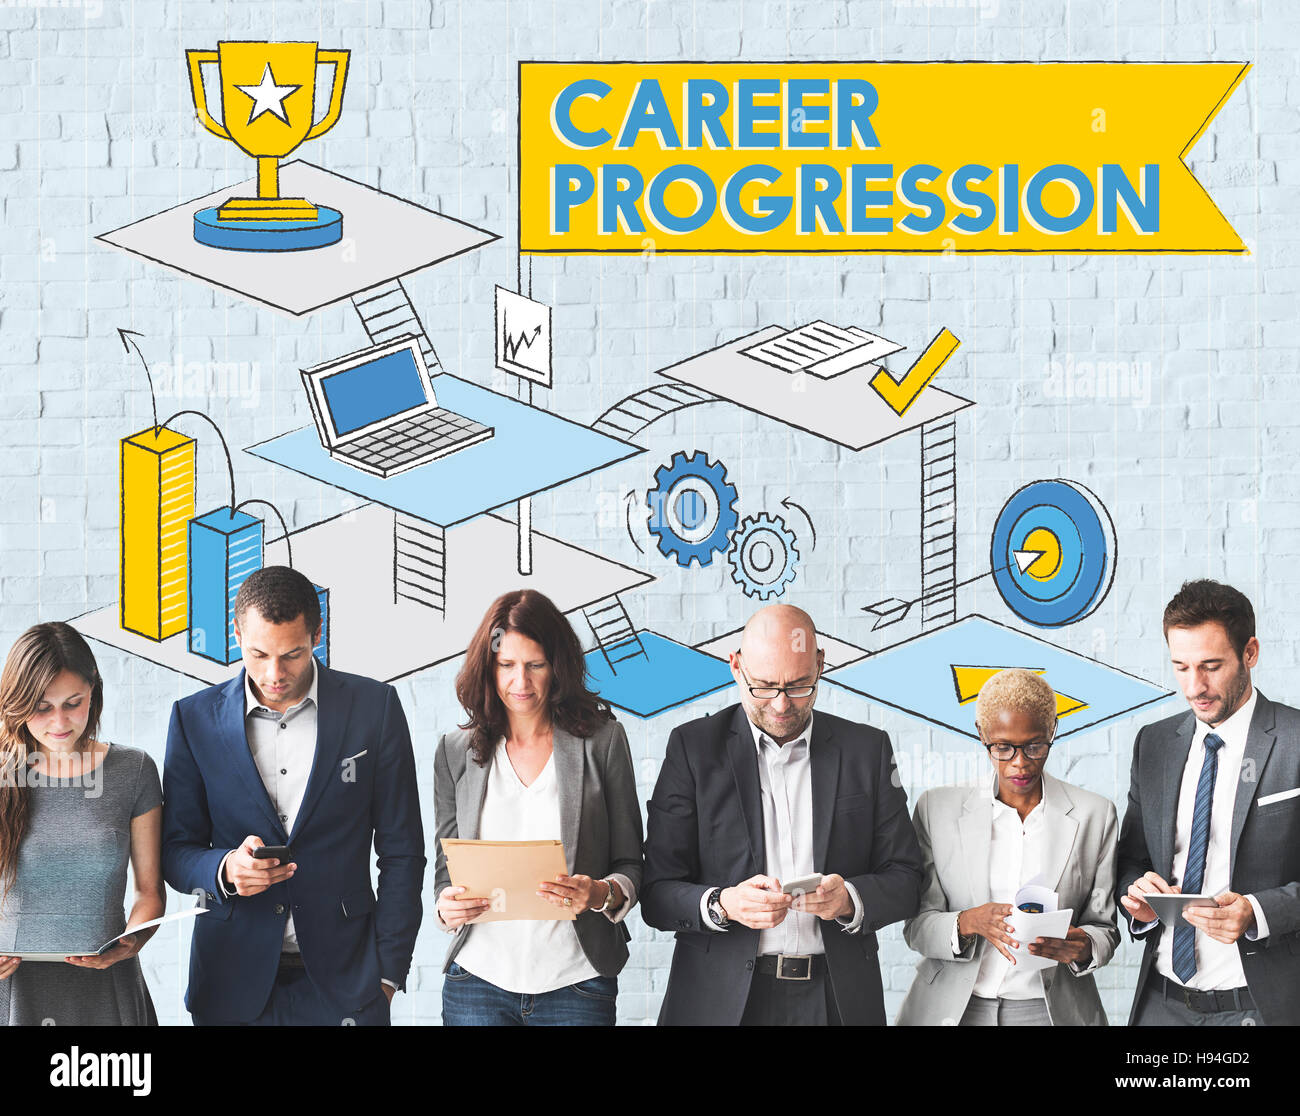 Career Progression Promotion Achievement Success Concept - Stock Image